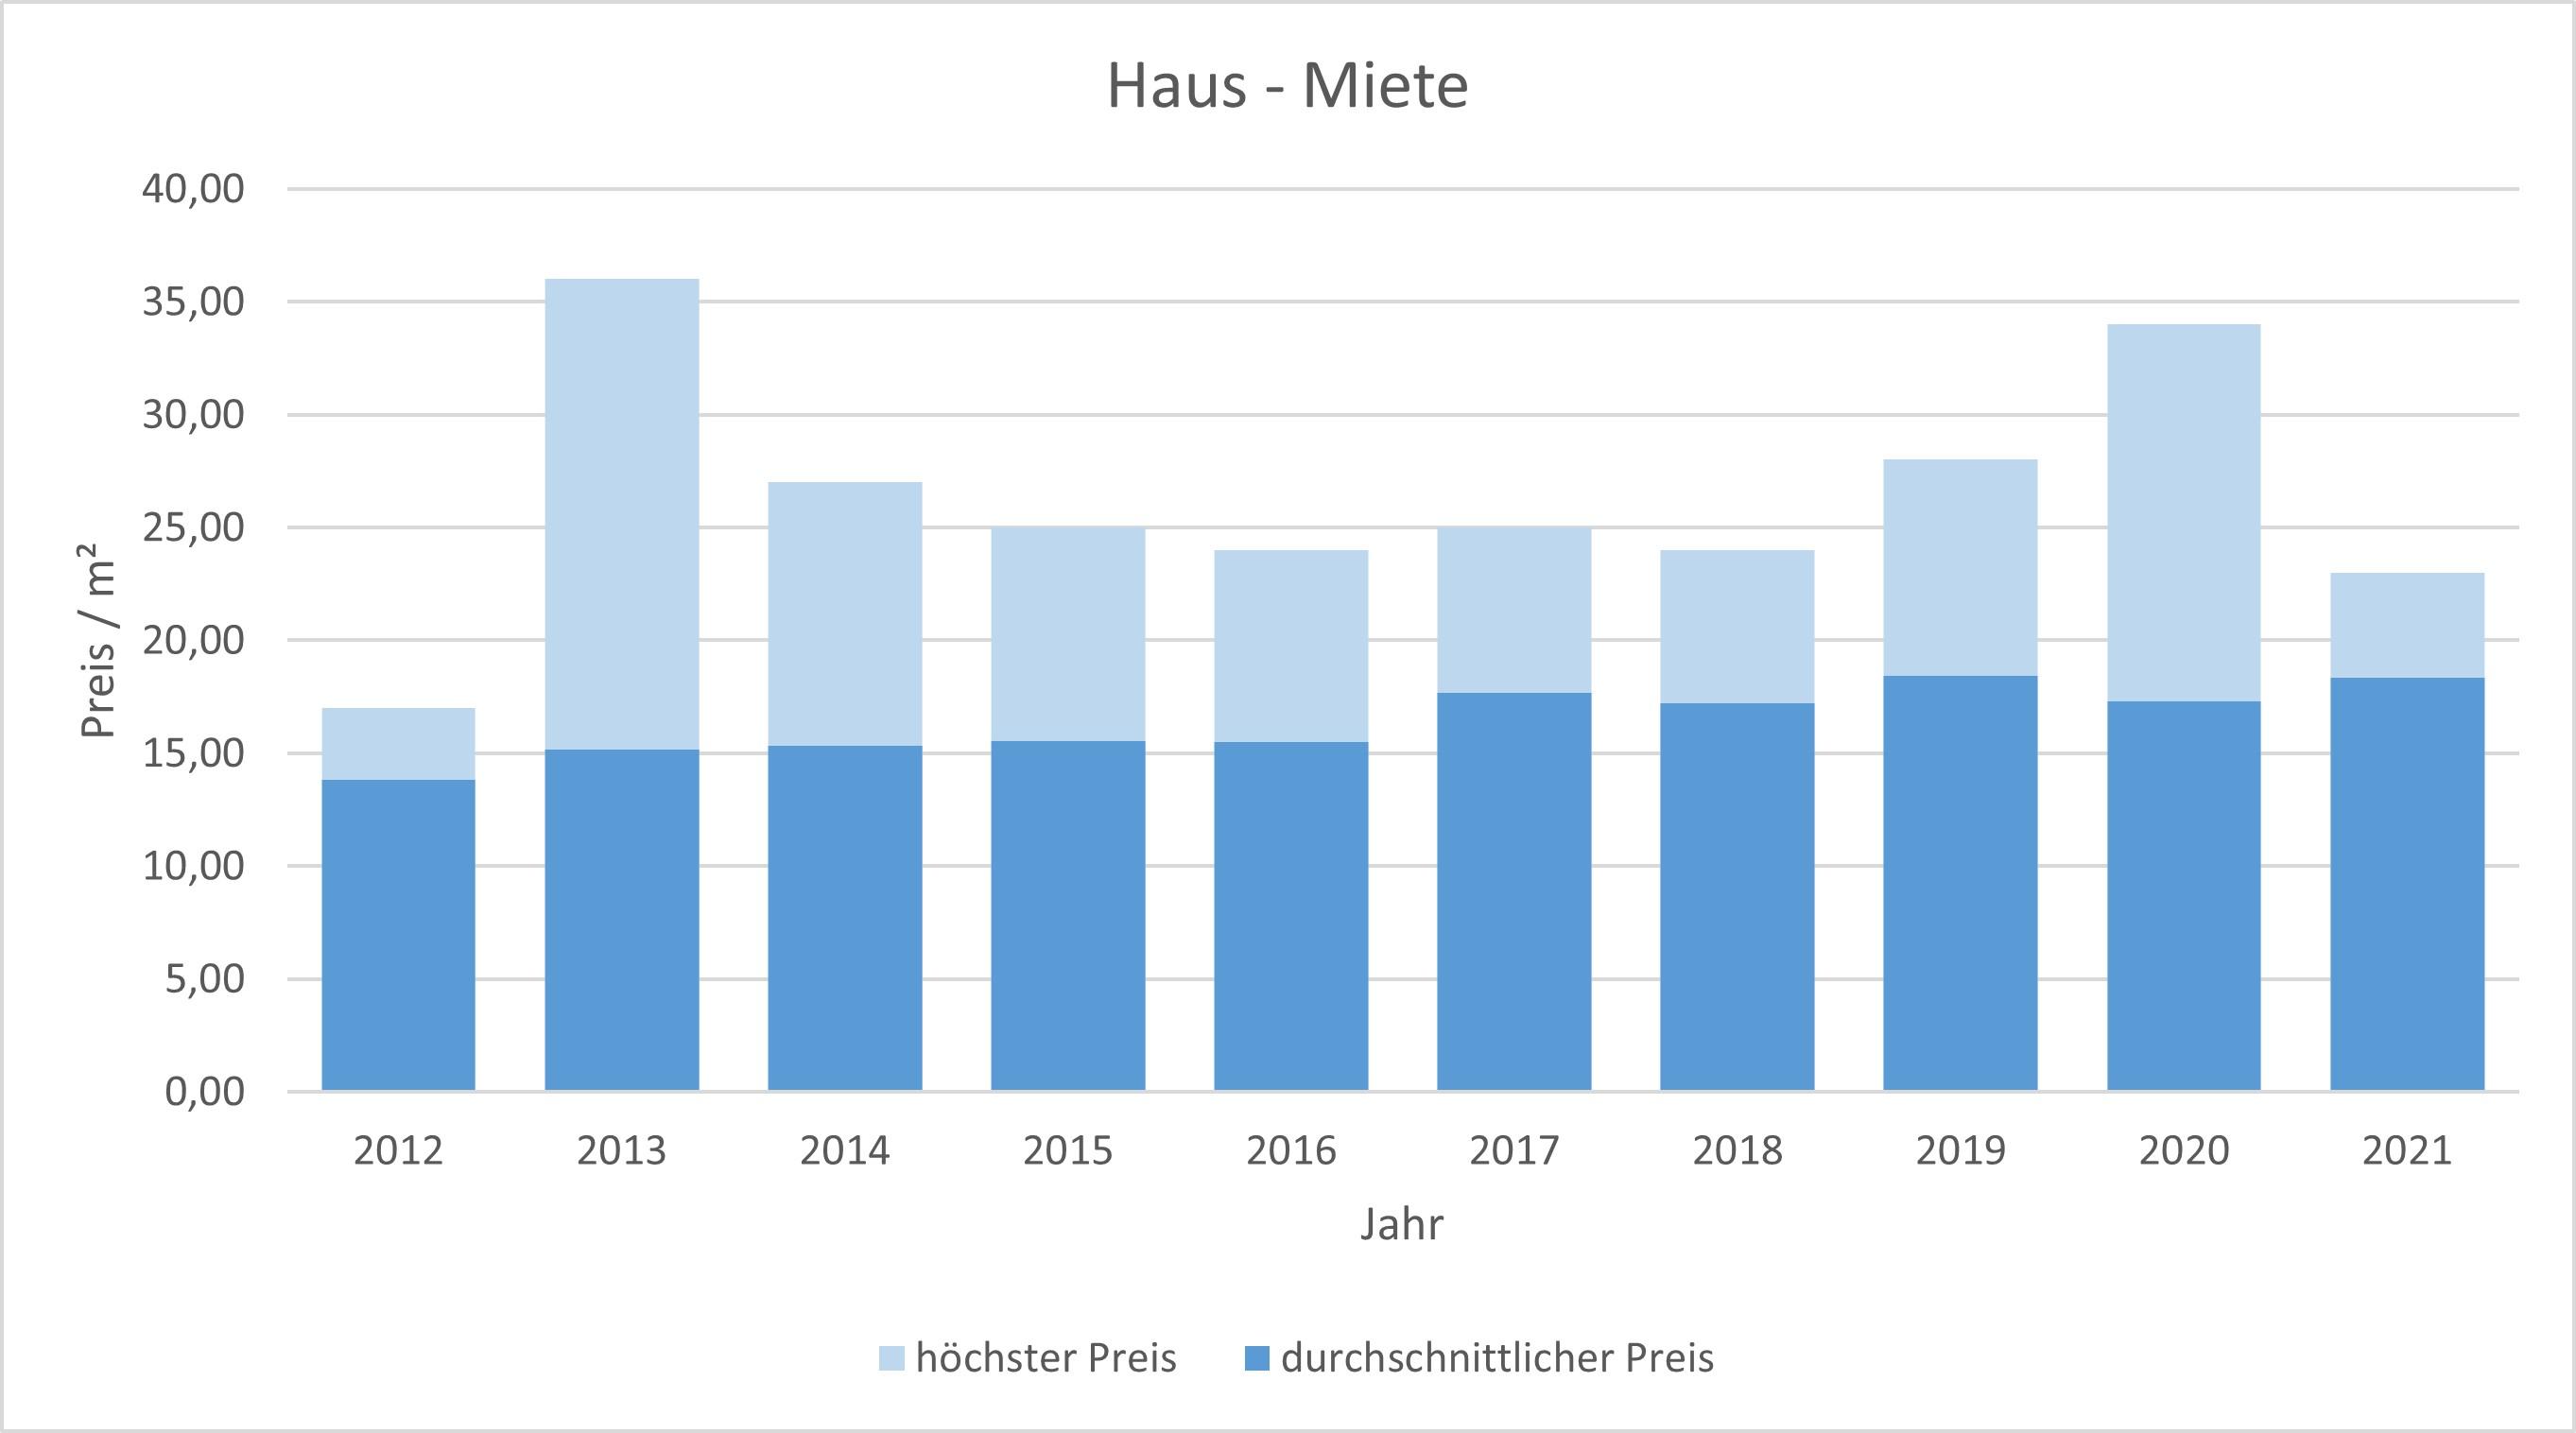 München - Solln Haus mieten vermieten Preis Bewertung Makler www.happy-immo.de 2019 2020 2021